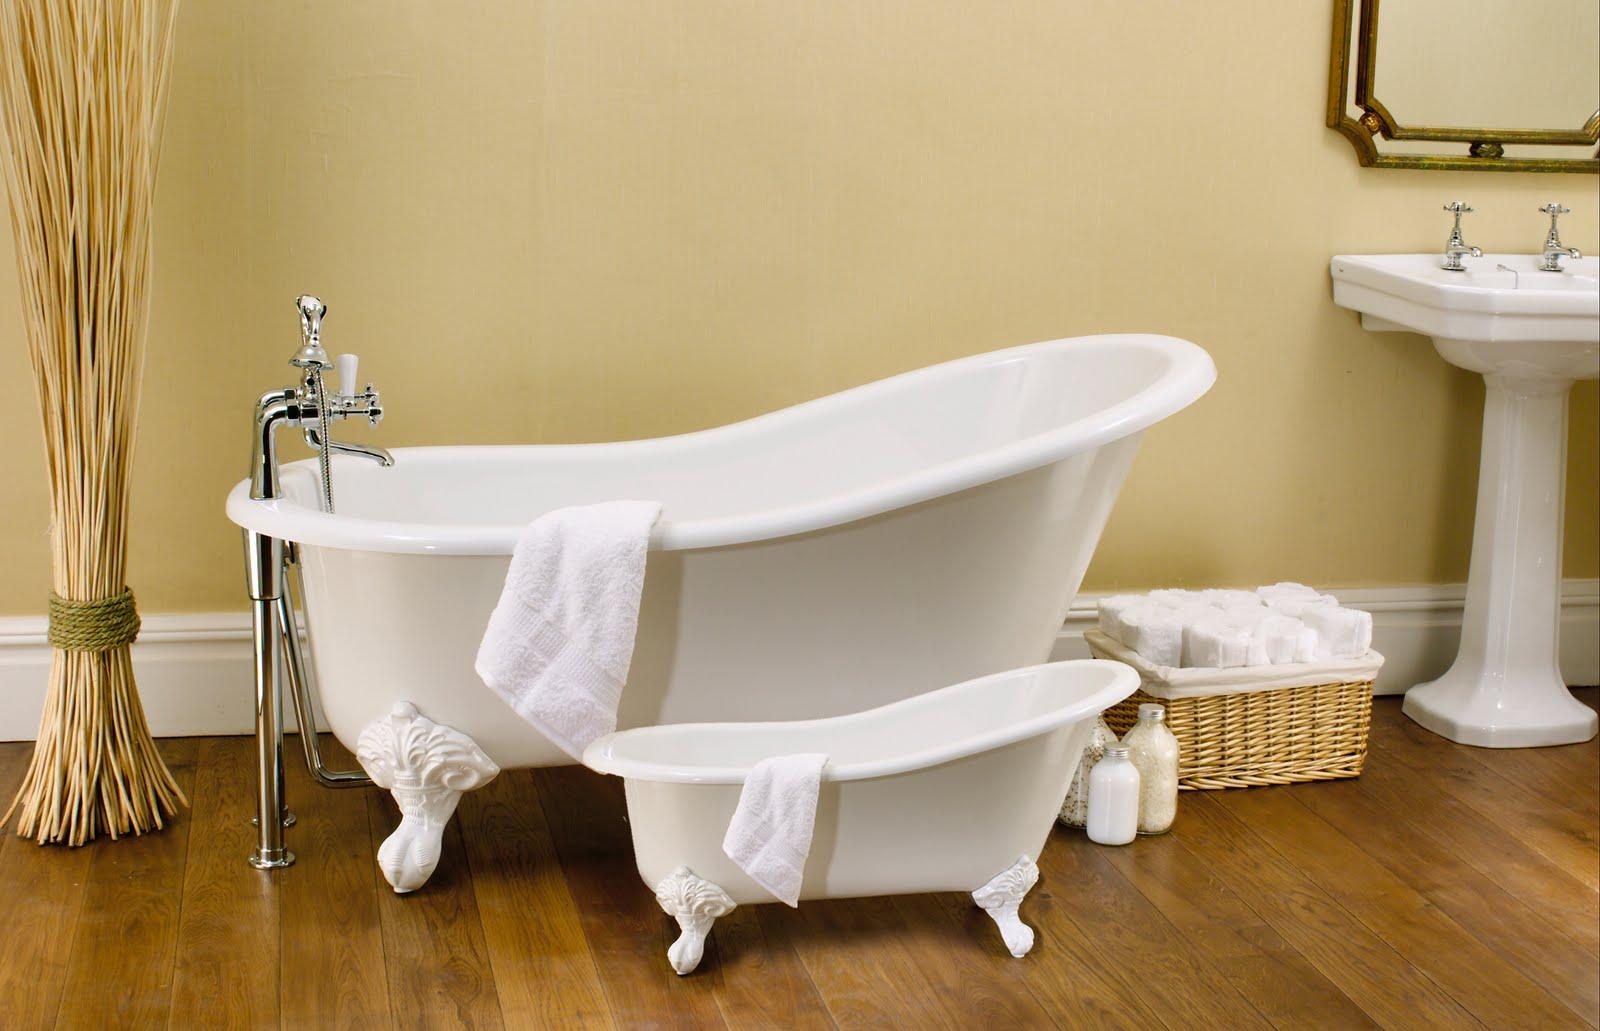 Veja alguns modelos e preços de banheiras vitorianas #6E4811 1600x1031 Banheira Alvenaria Banheiro Pequeno